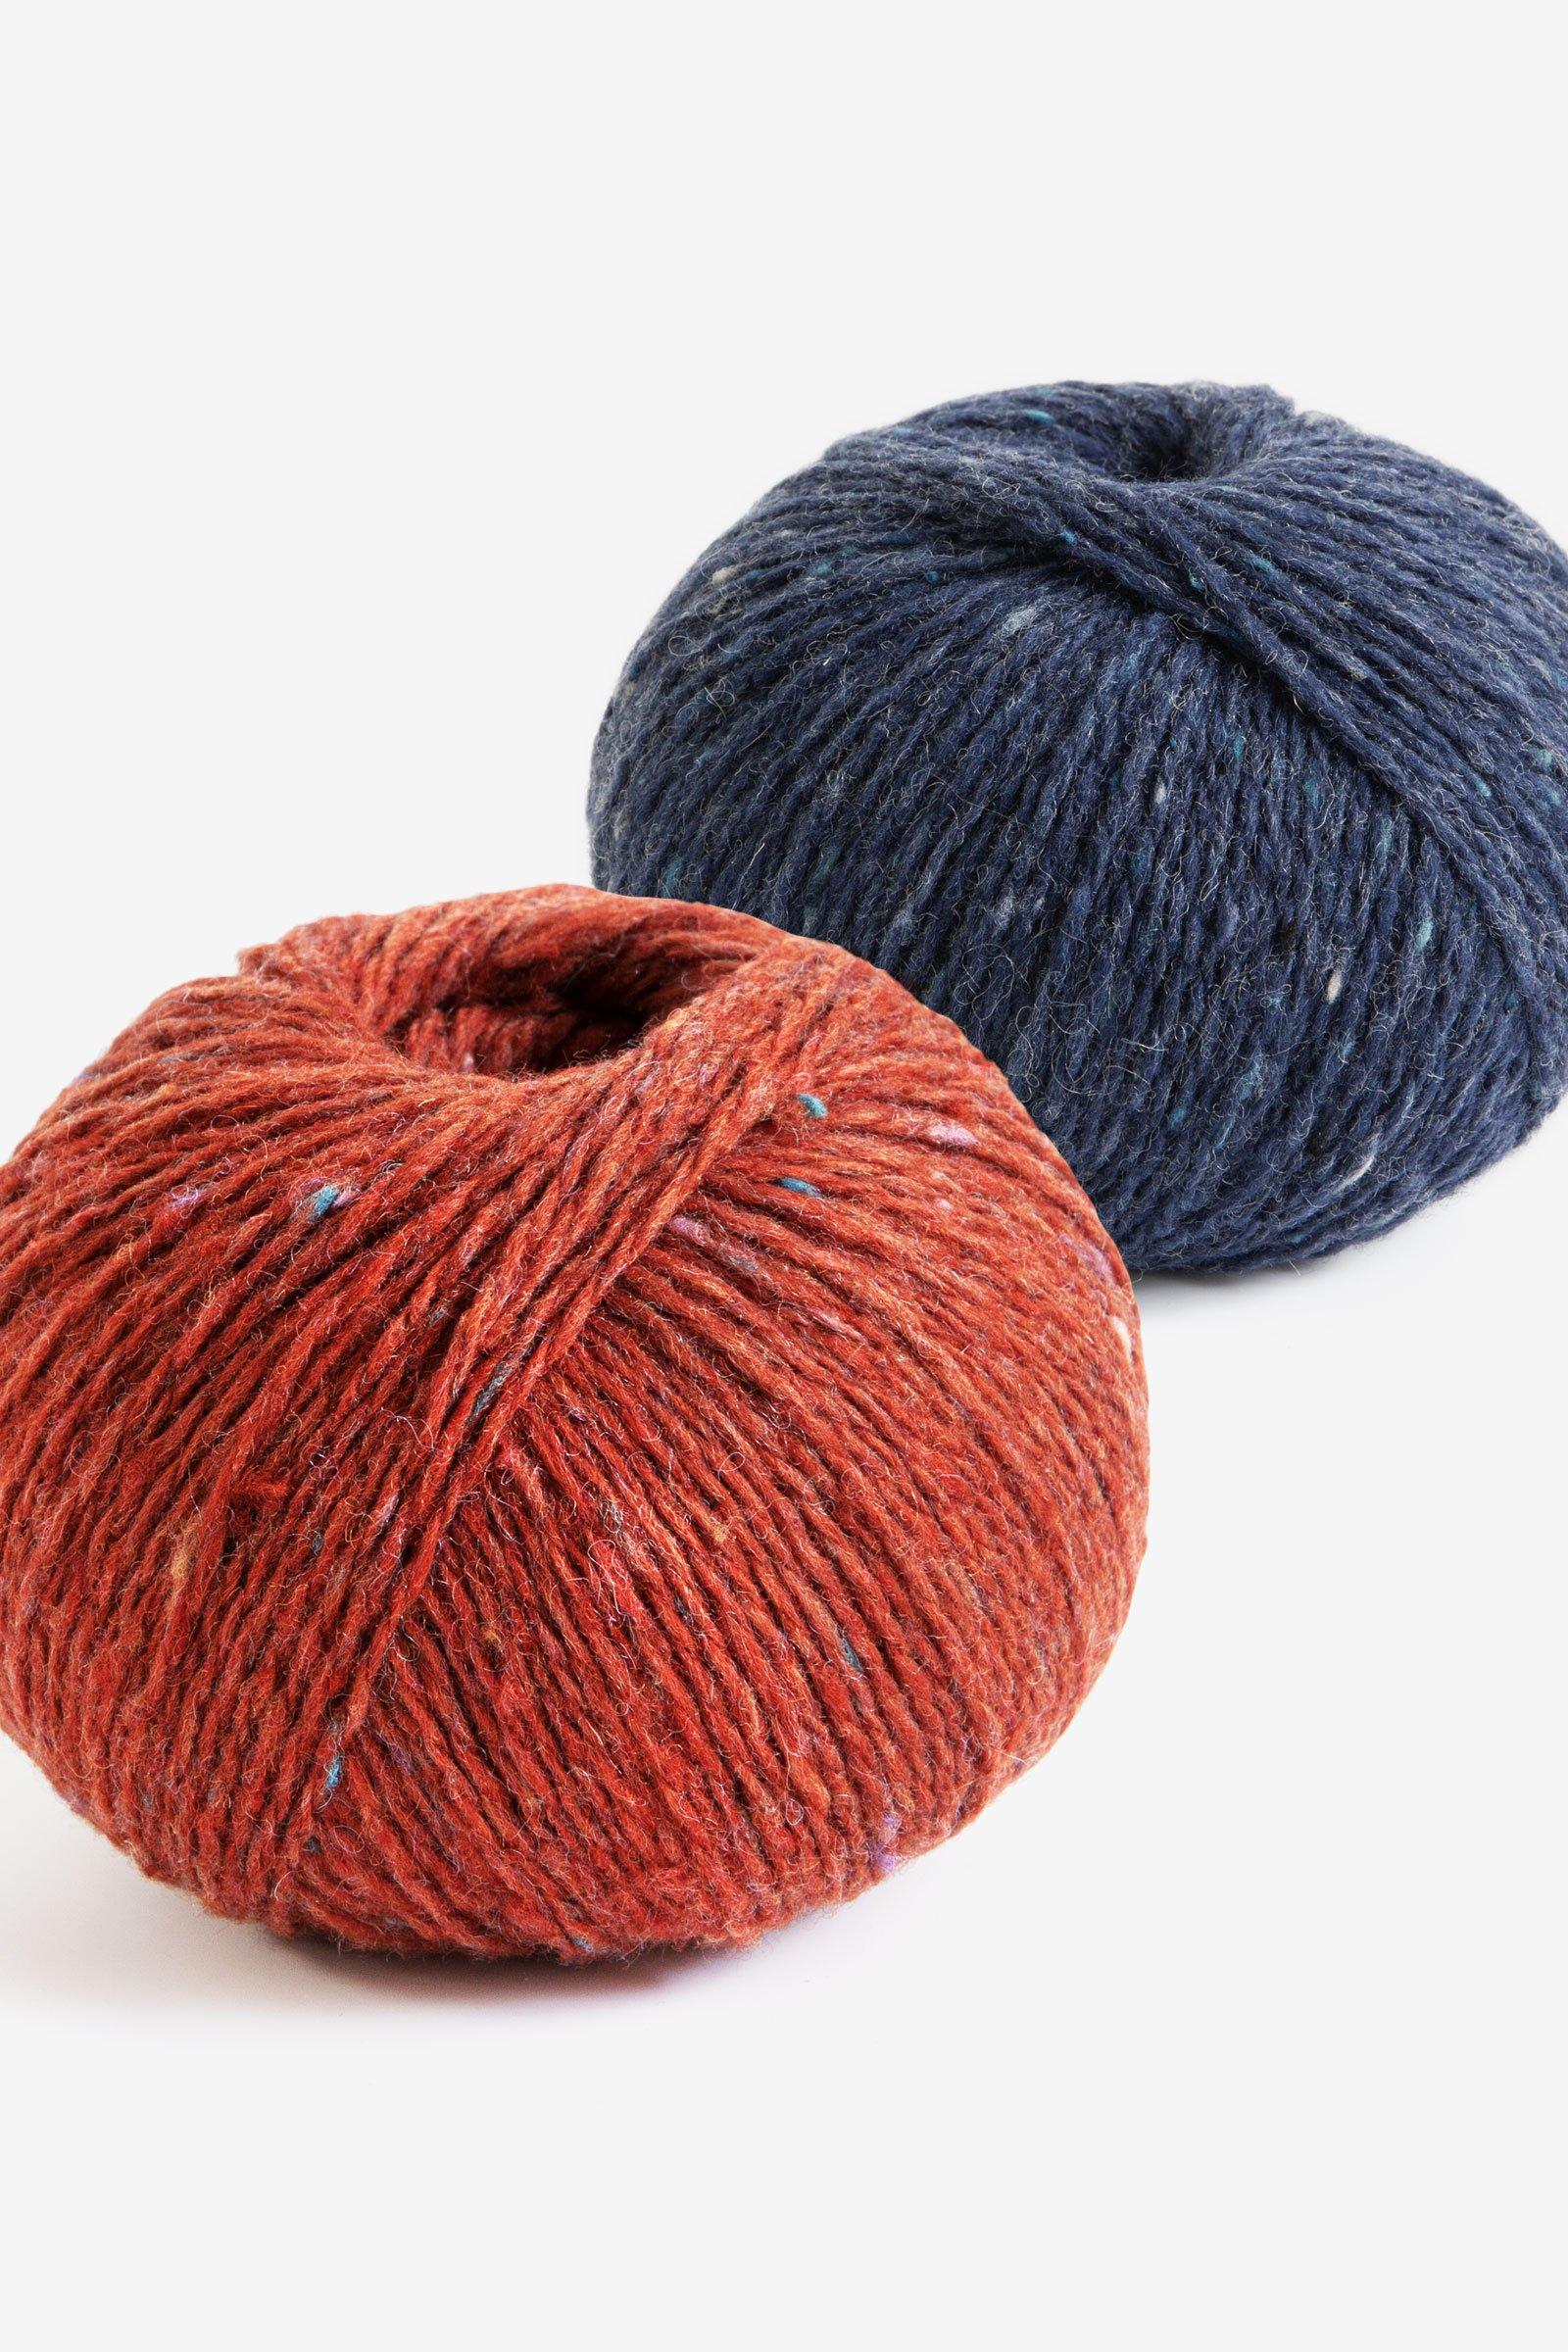 Merino Essential 4 Tweed